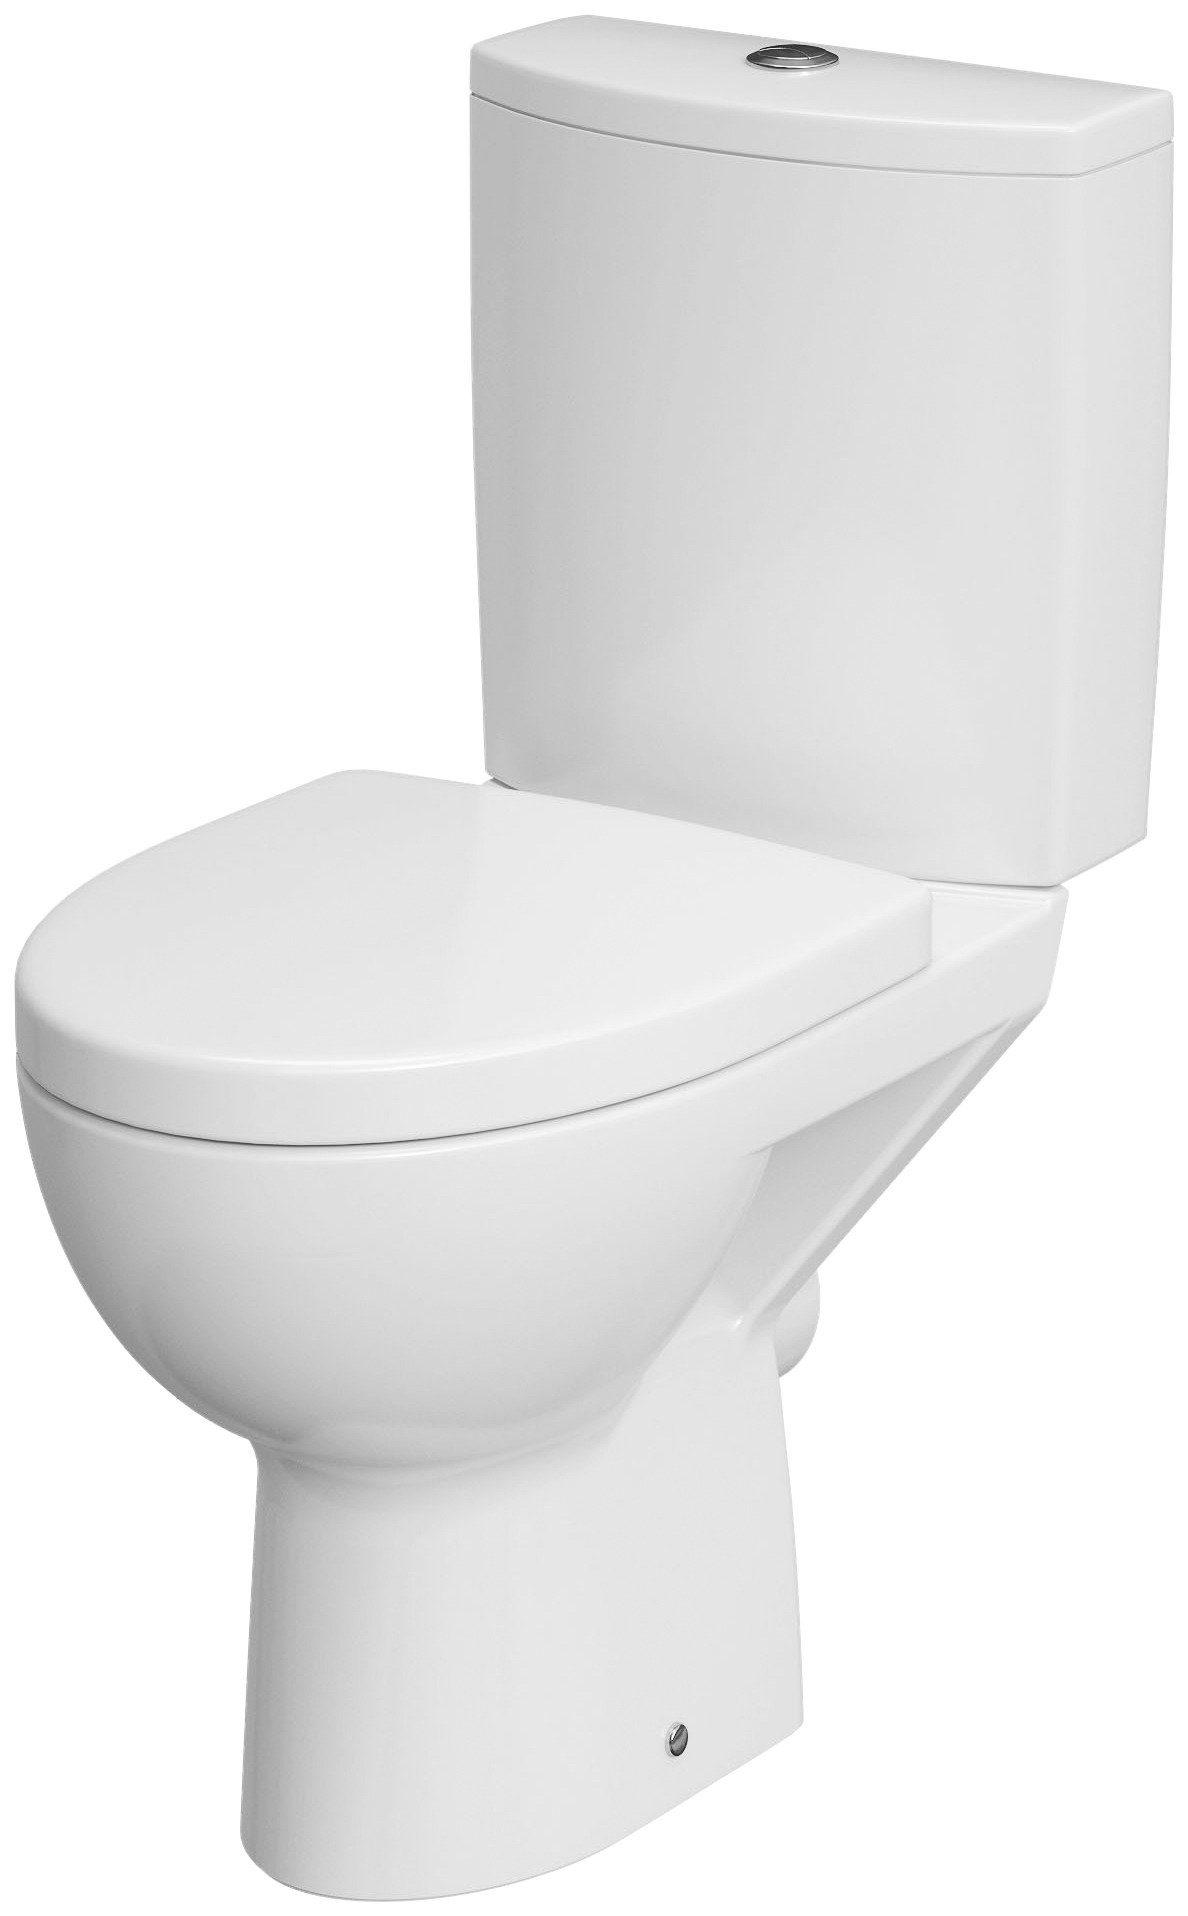 Großartig WC-Becken online kaufen | OTTO KD08